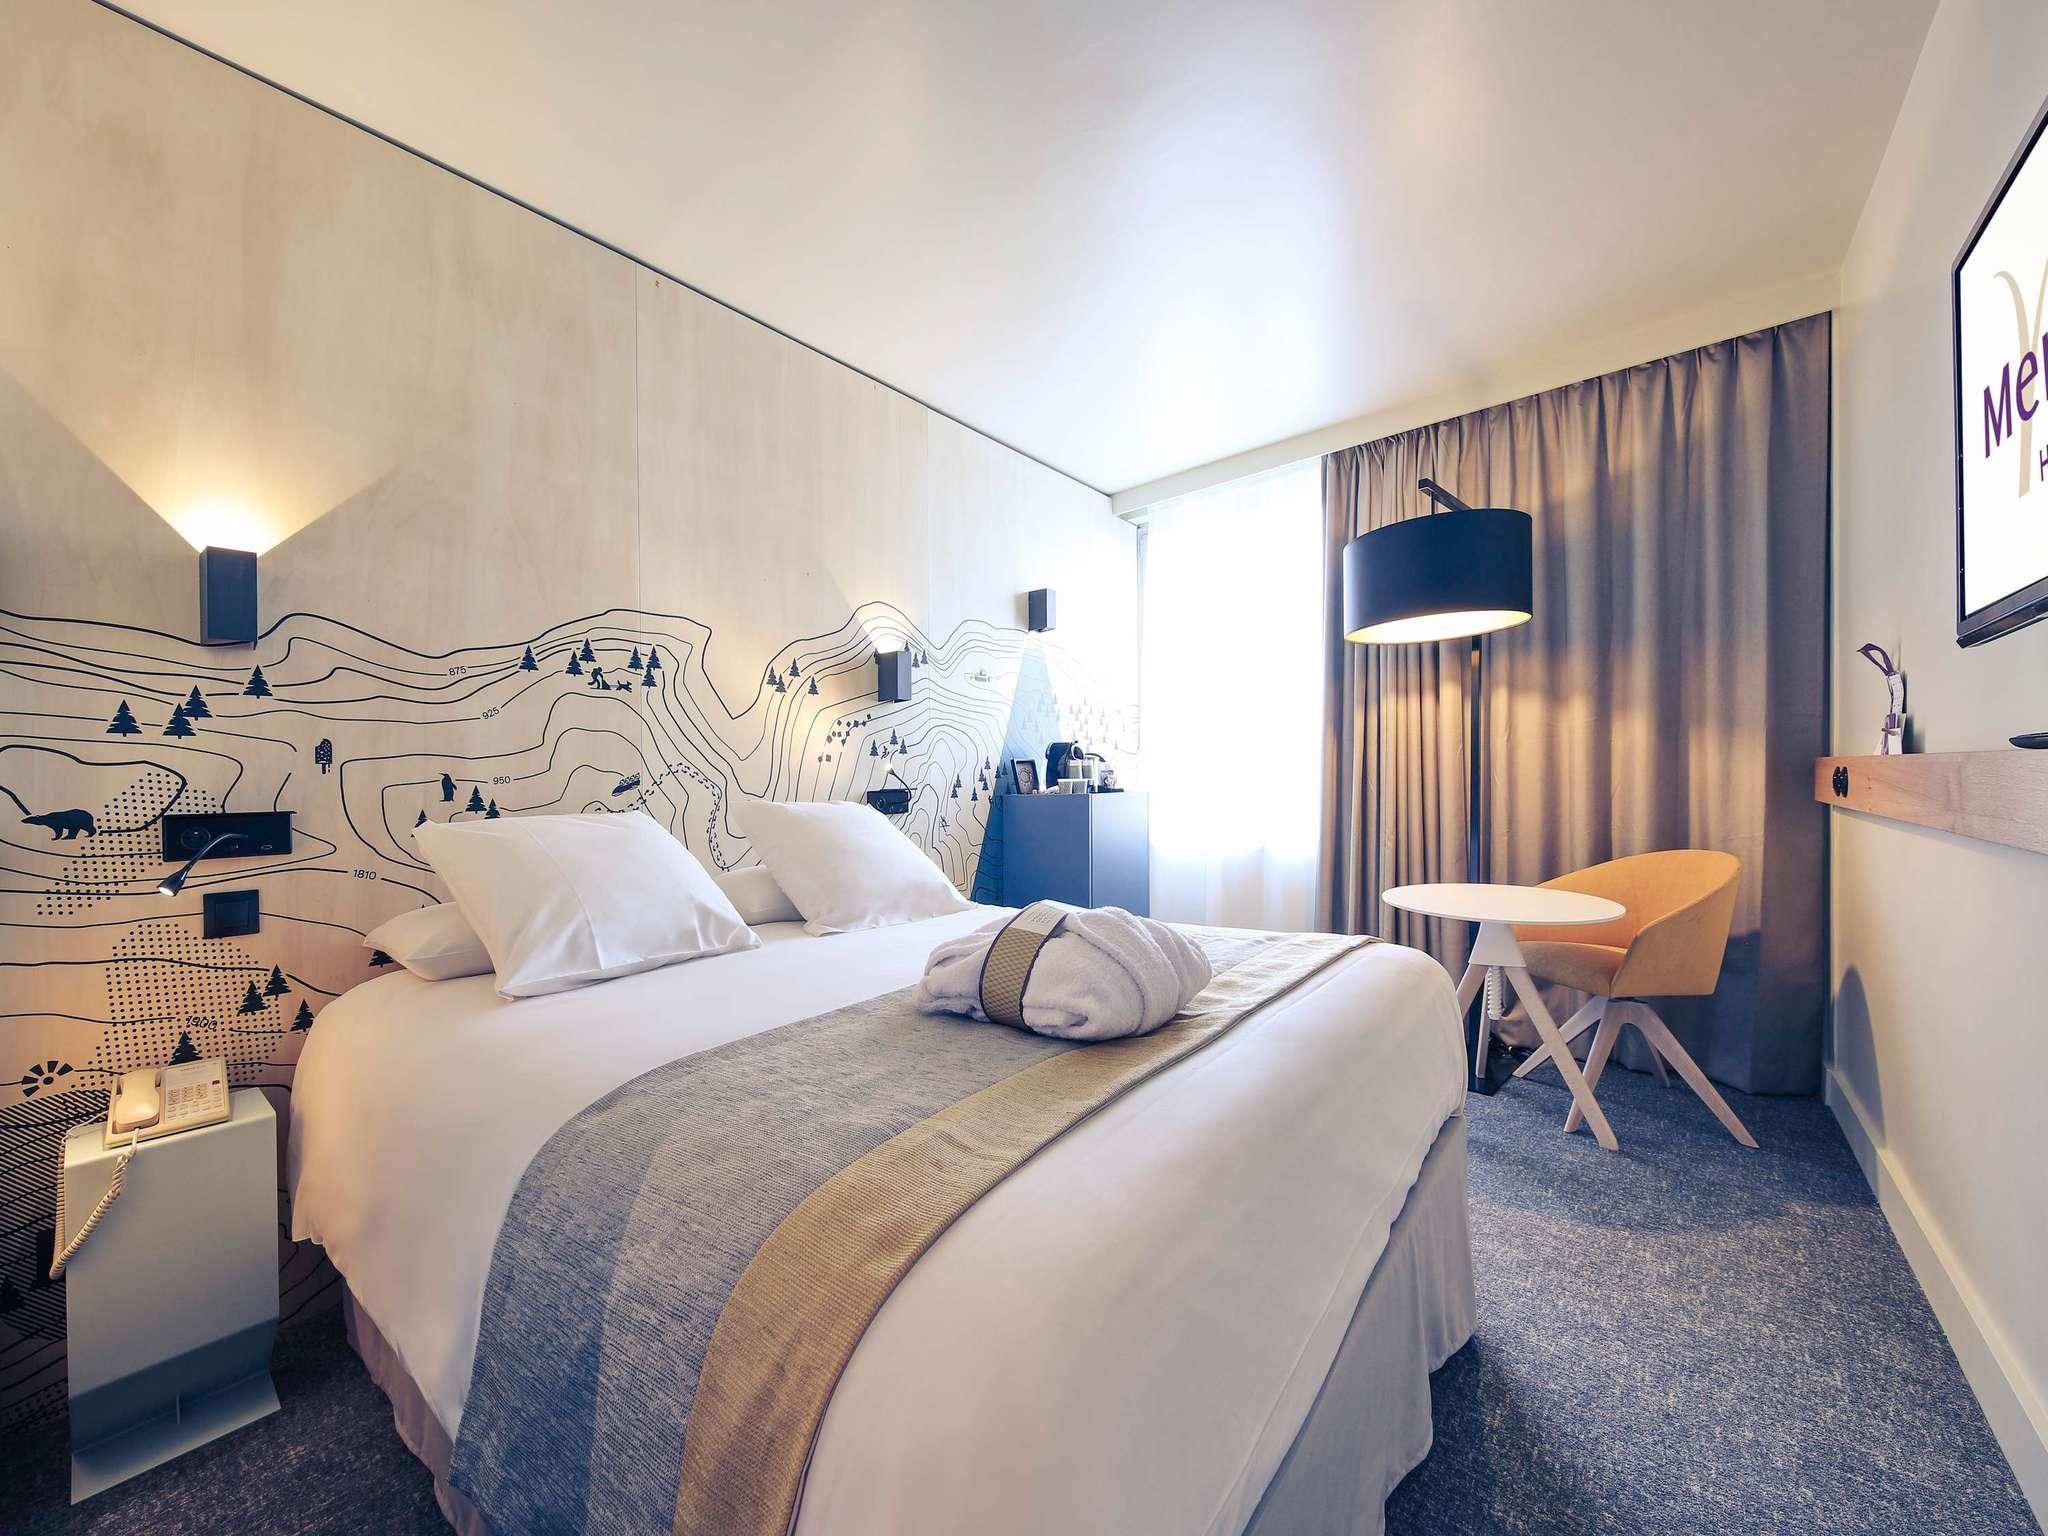 Hotel - Mercure Grenoble Centre Alpotel Hotel